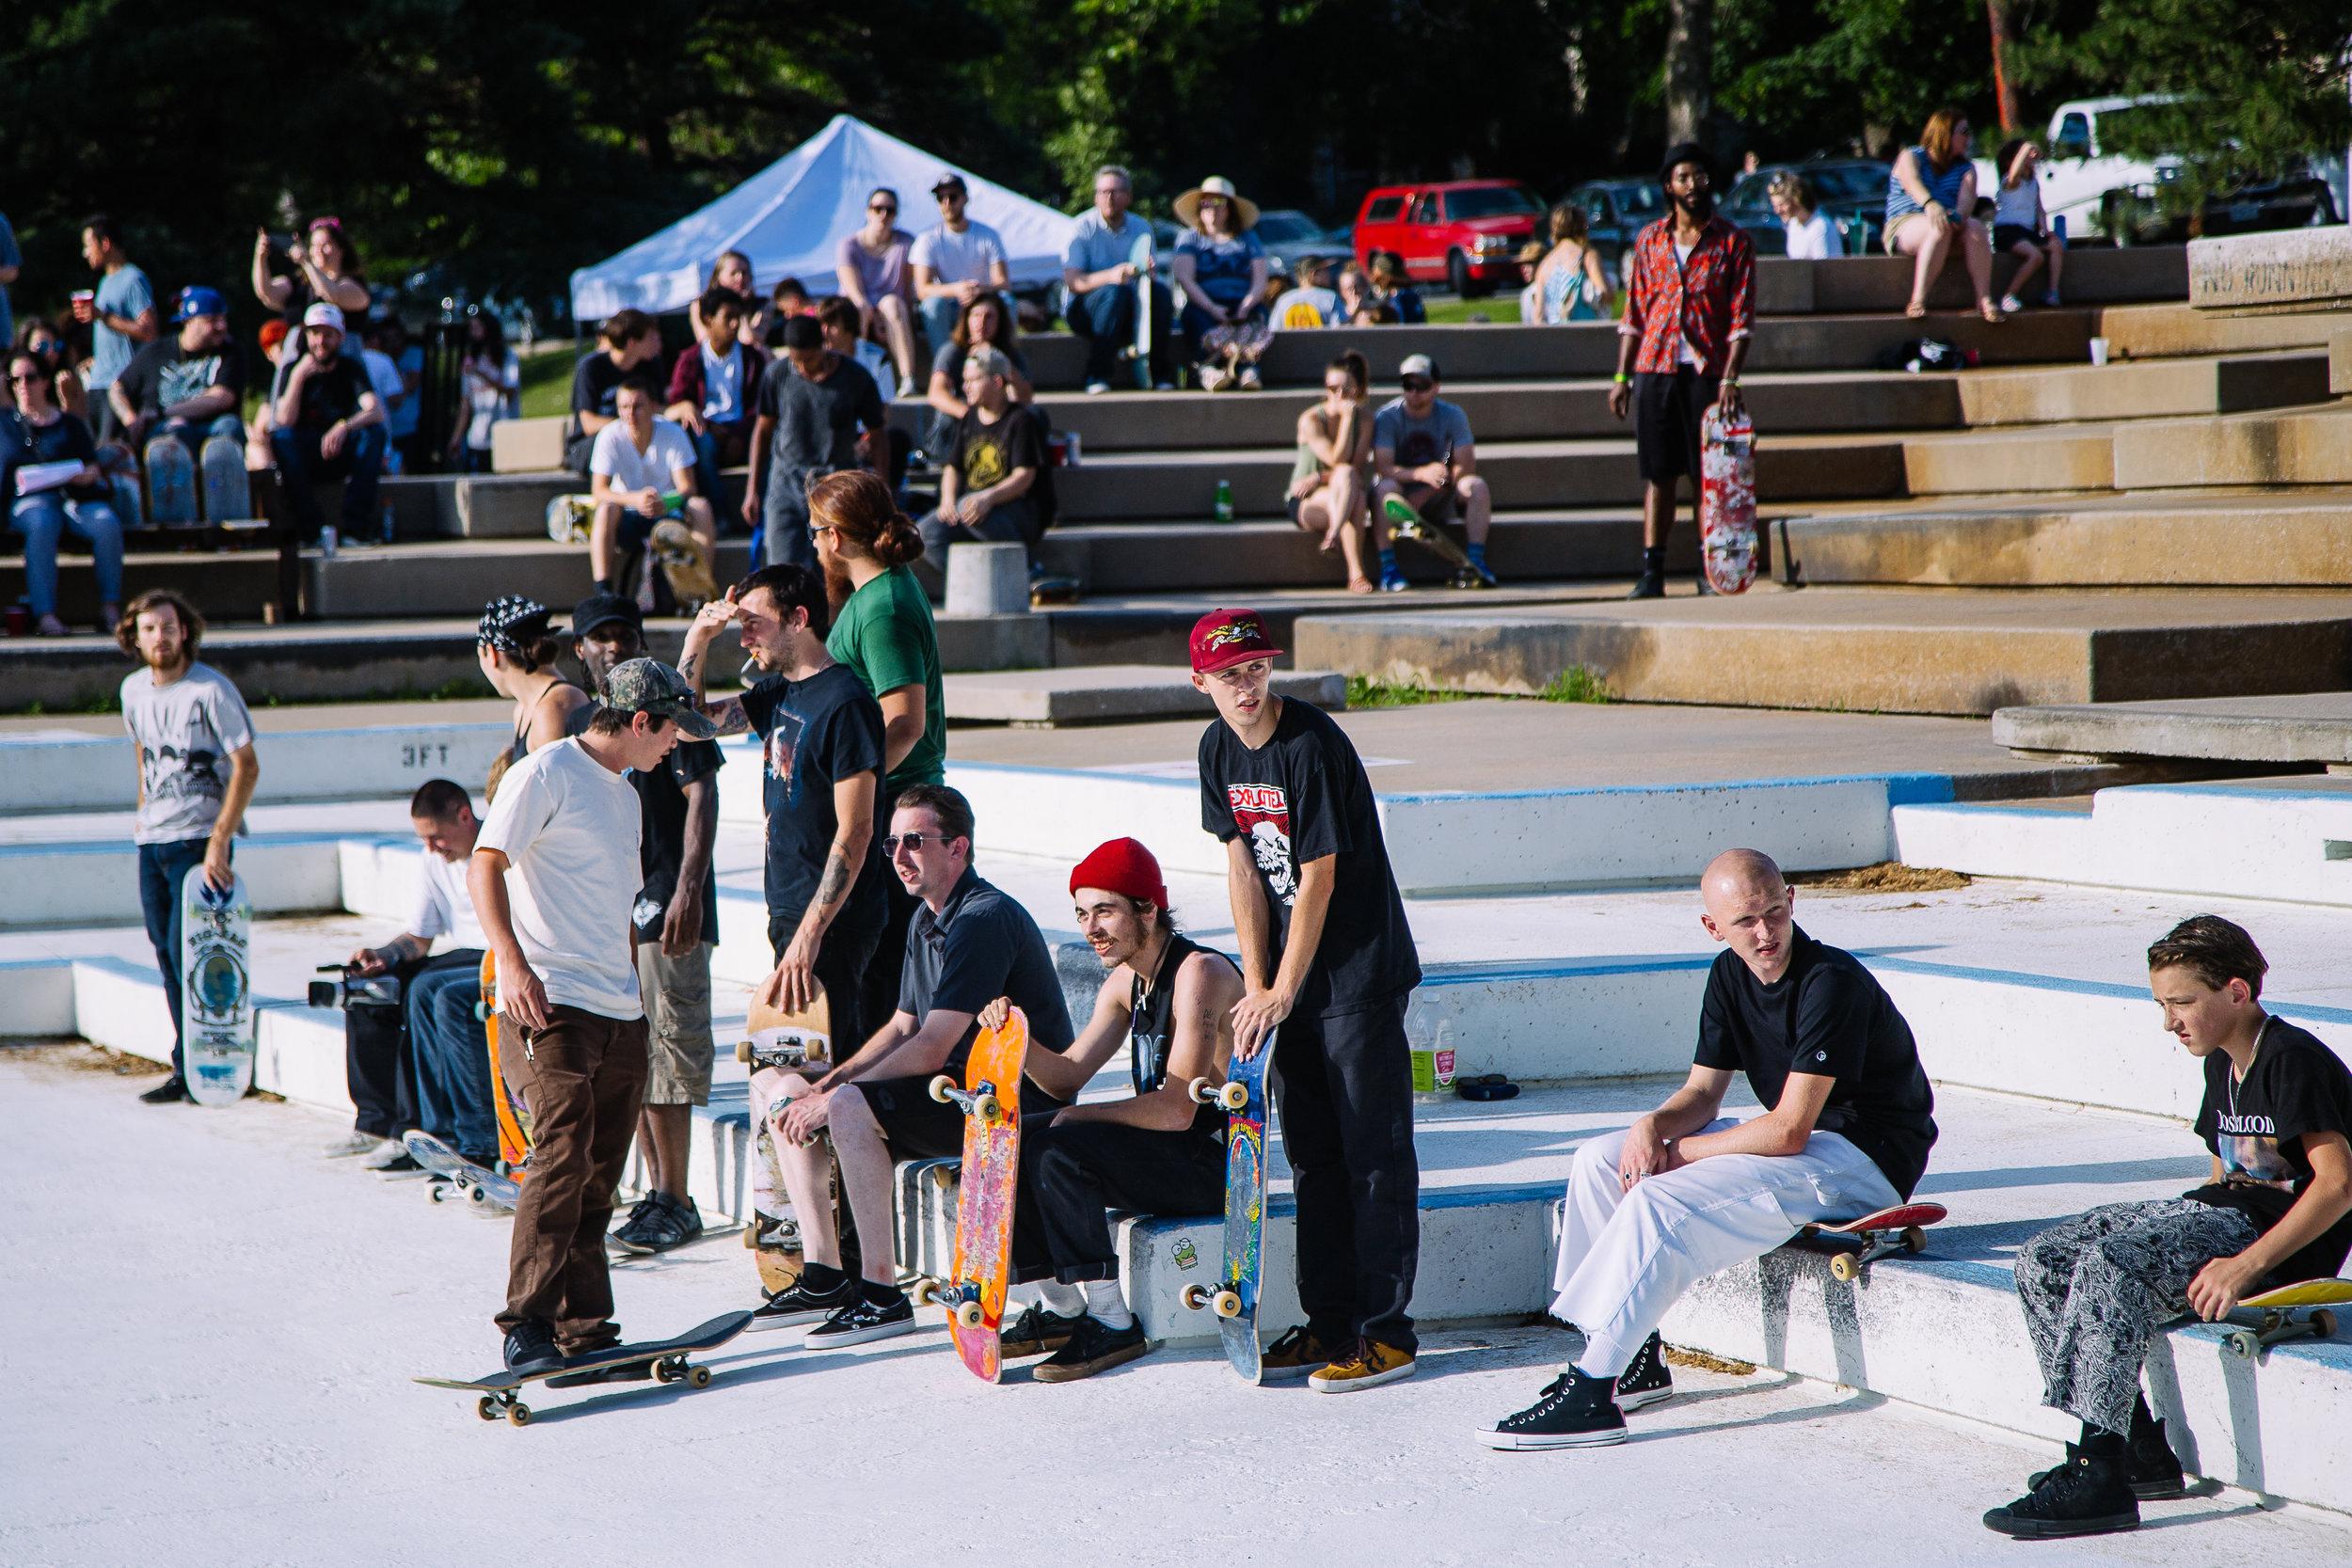 Go Skateboarding Day - June '17 - 8 (color).jpg